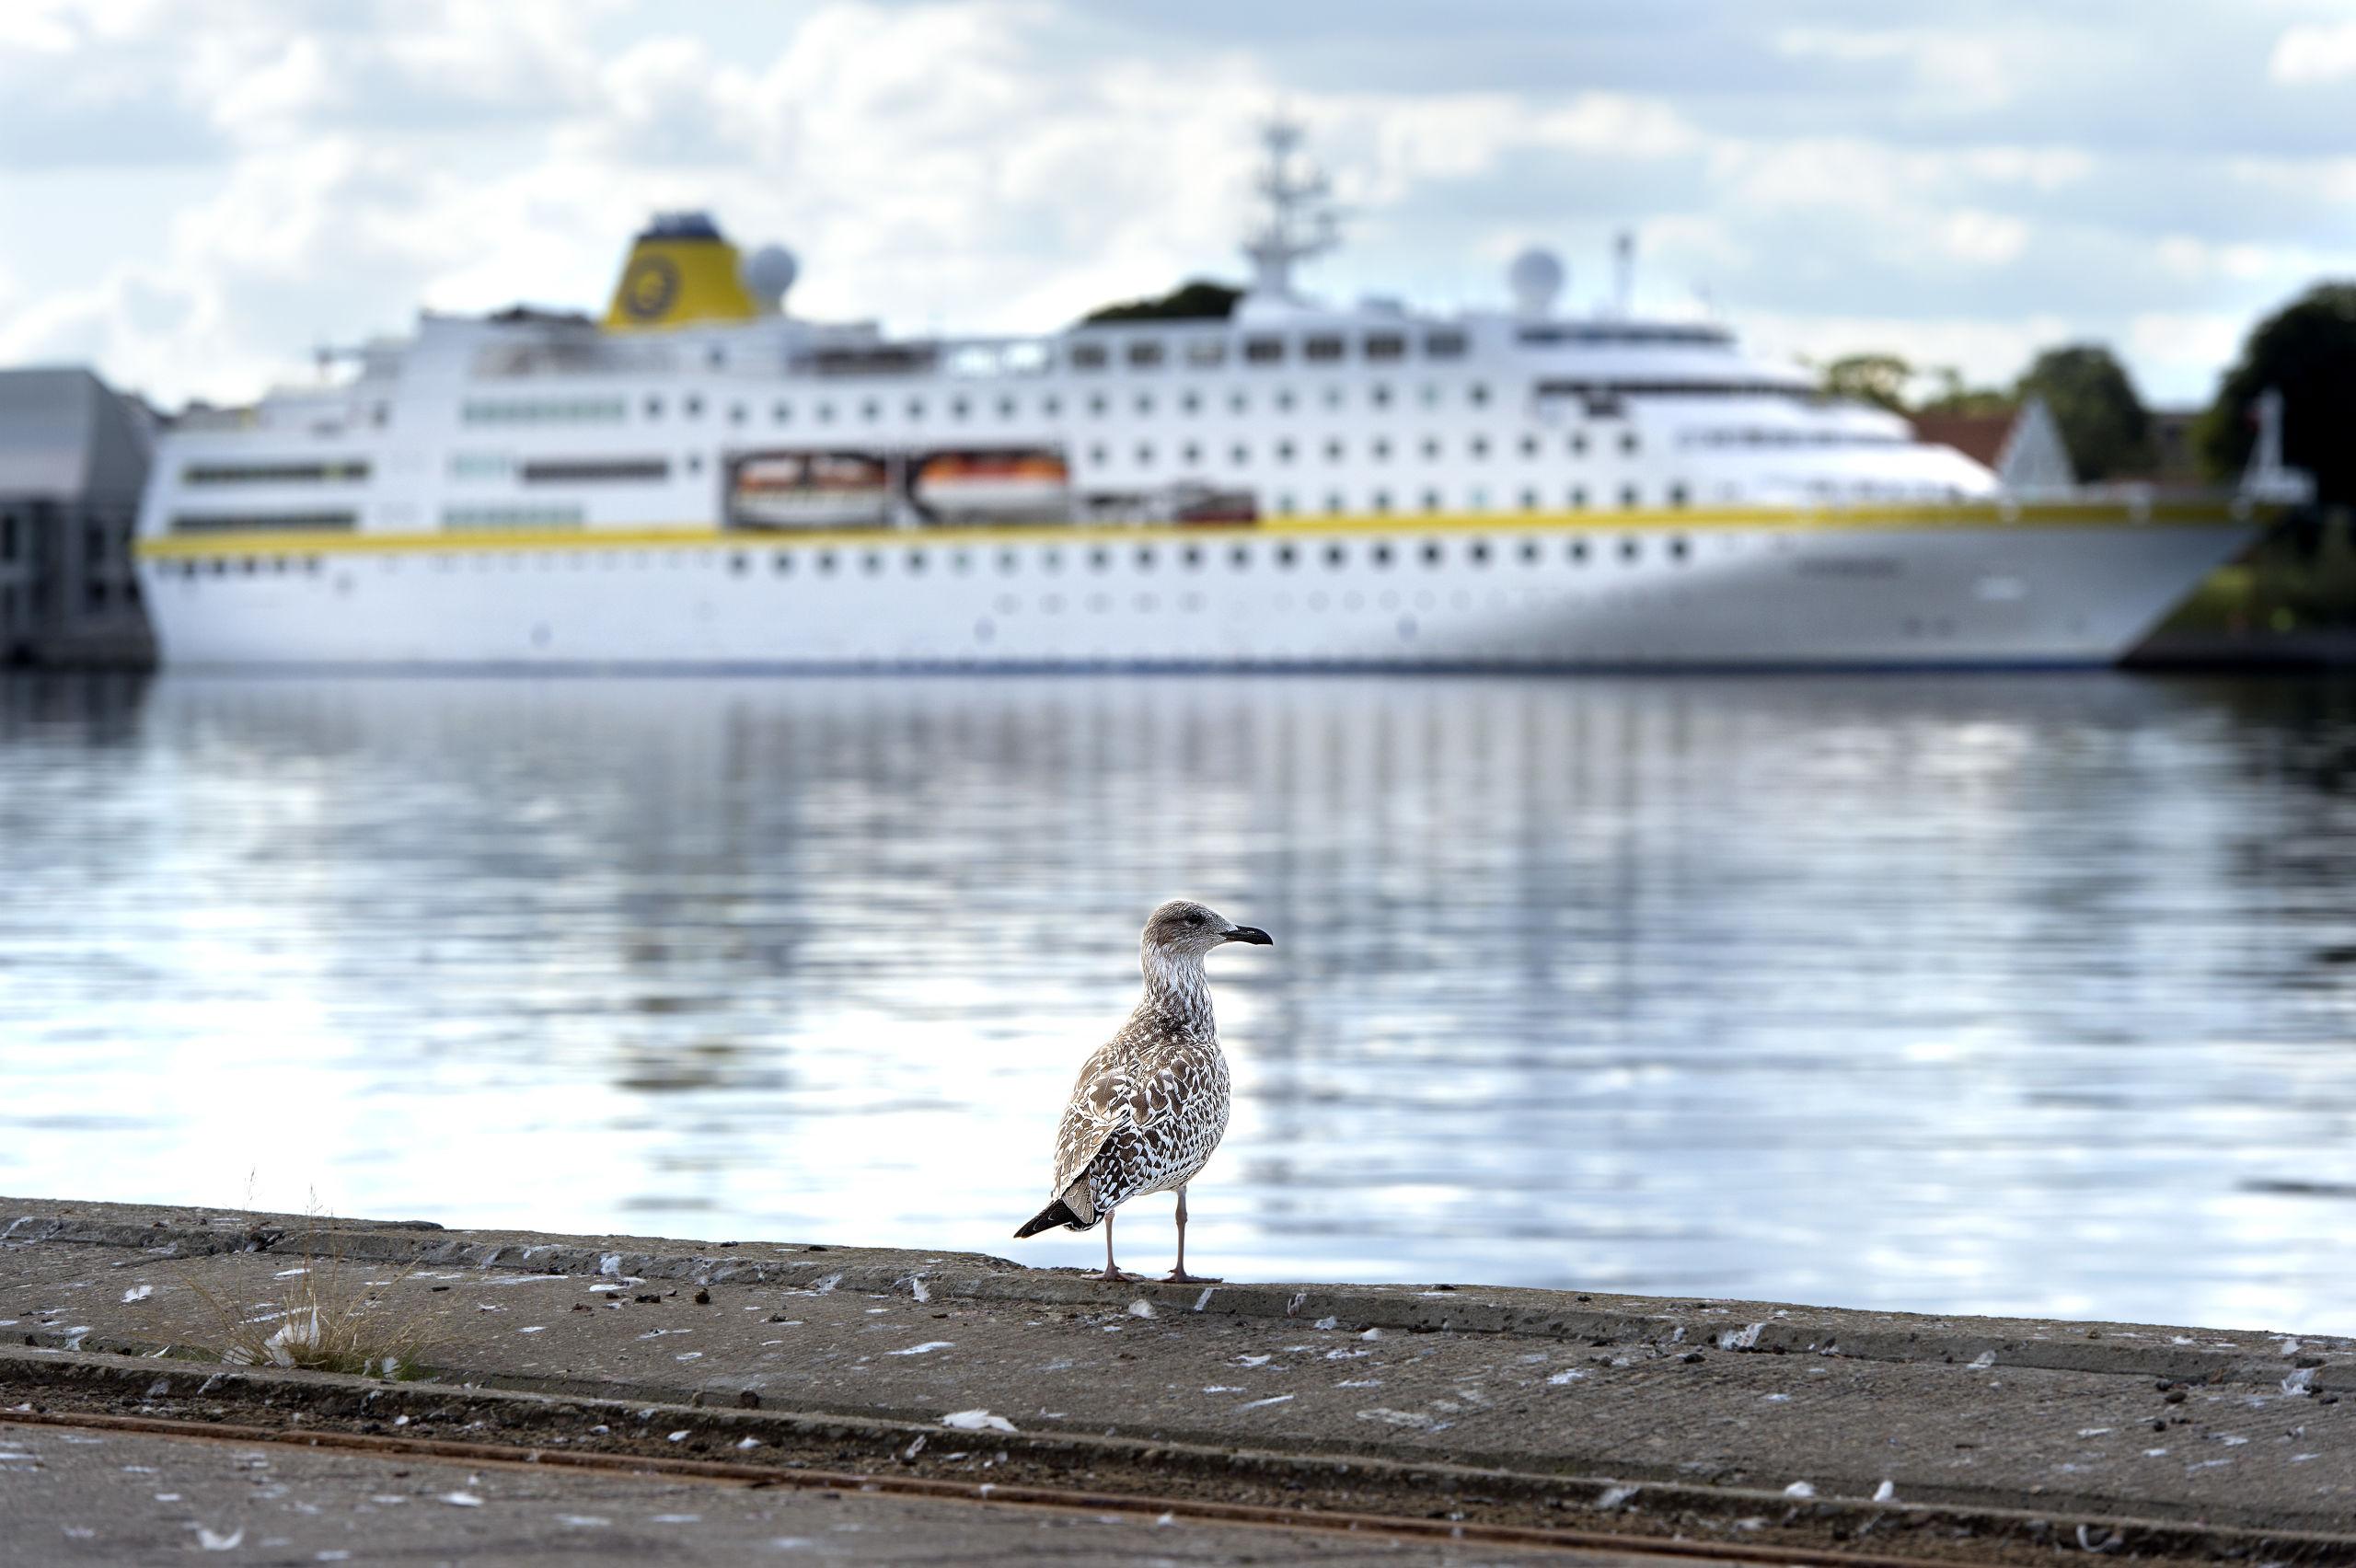 Aalborg får i 2020 besøg af ikke færre end 44 krydstogtskibe, så der bliver noget at se på for ikke blot mågen her på billedet - men såmænd også for alle andre tobenede tilskuere, der sætter pris på at se et elegant krydstogtskib. Arkivfoto: Torben Hansen